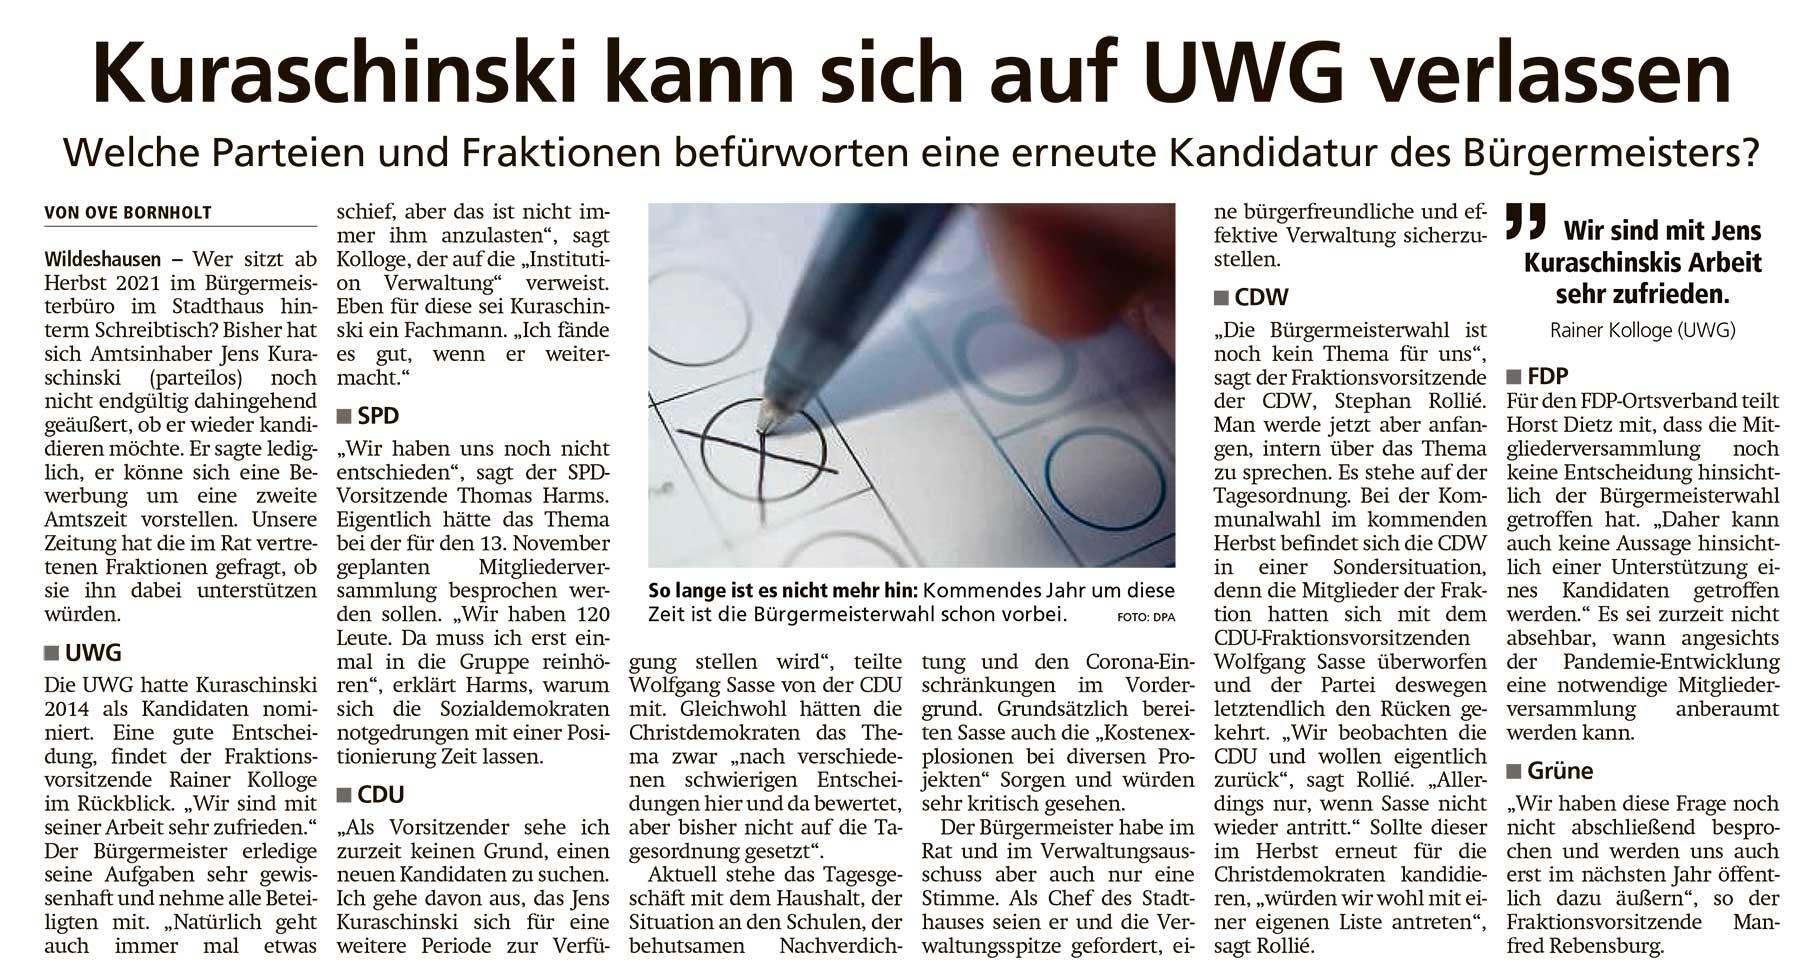 Kuraschinski kann sich auf UWG verlassenWelche Parteien und Fraktionen befürworten eine erneute Kandidatur des Bürgermeisters?Artikel vom 17.11.2020 (WZ)